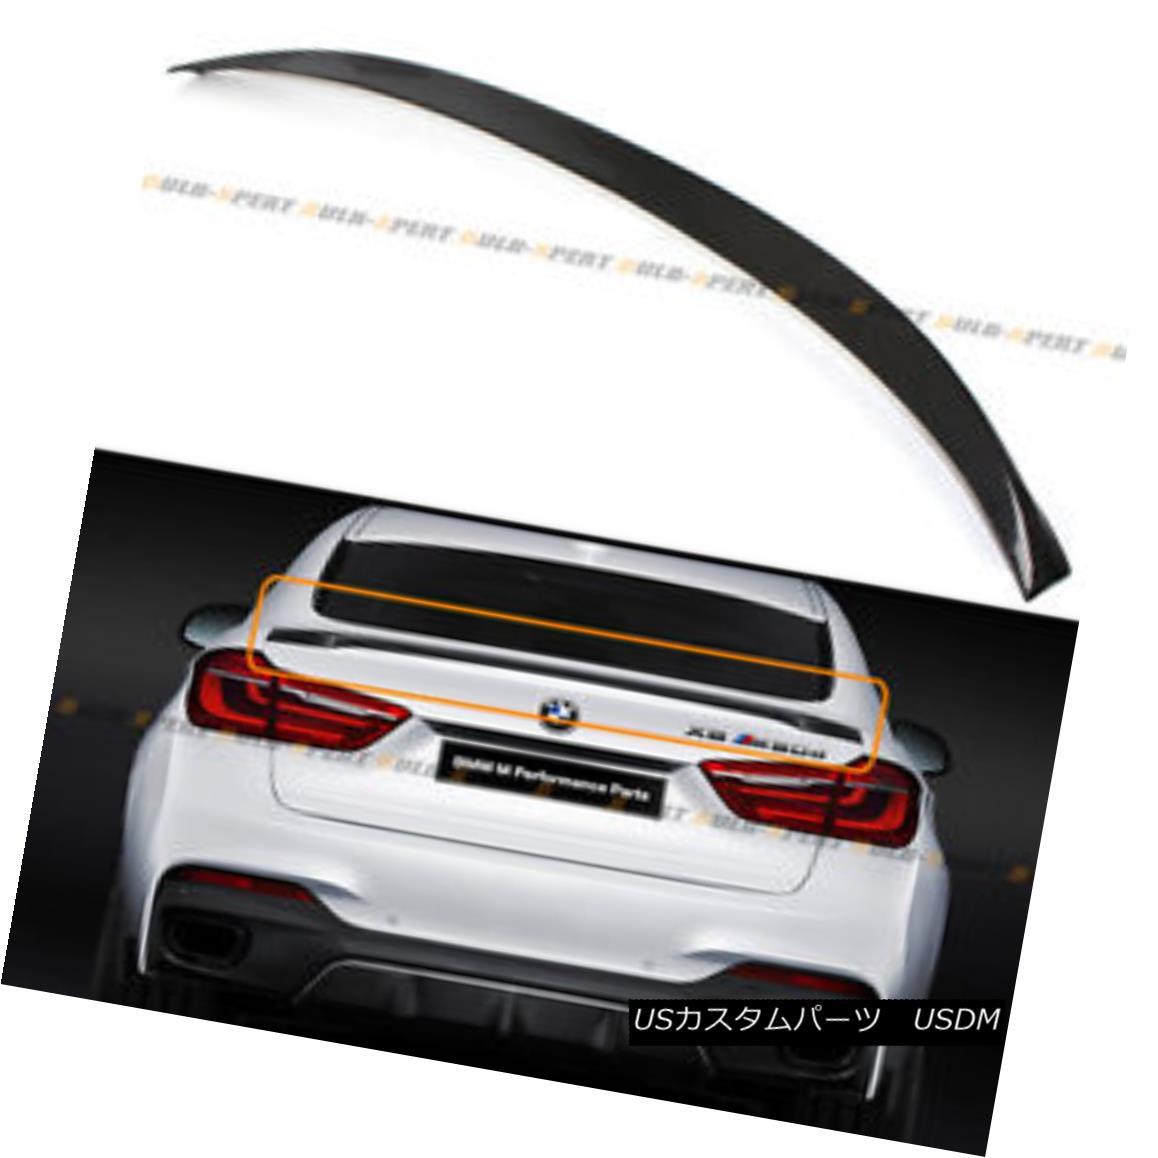 エアロパーツ For 2015-18 BMW F16 X6 F86 X6M Carbon Fiber Performance Style Trunk Spoiler Wing 2015-18 BMW F16 X6 F86 X6Mカーボンファイバーパフォーマンススタイルトランクスポイラーウィング